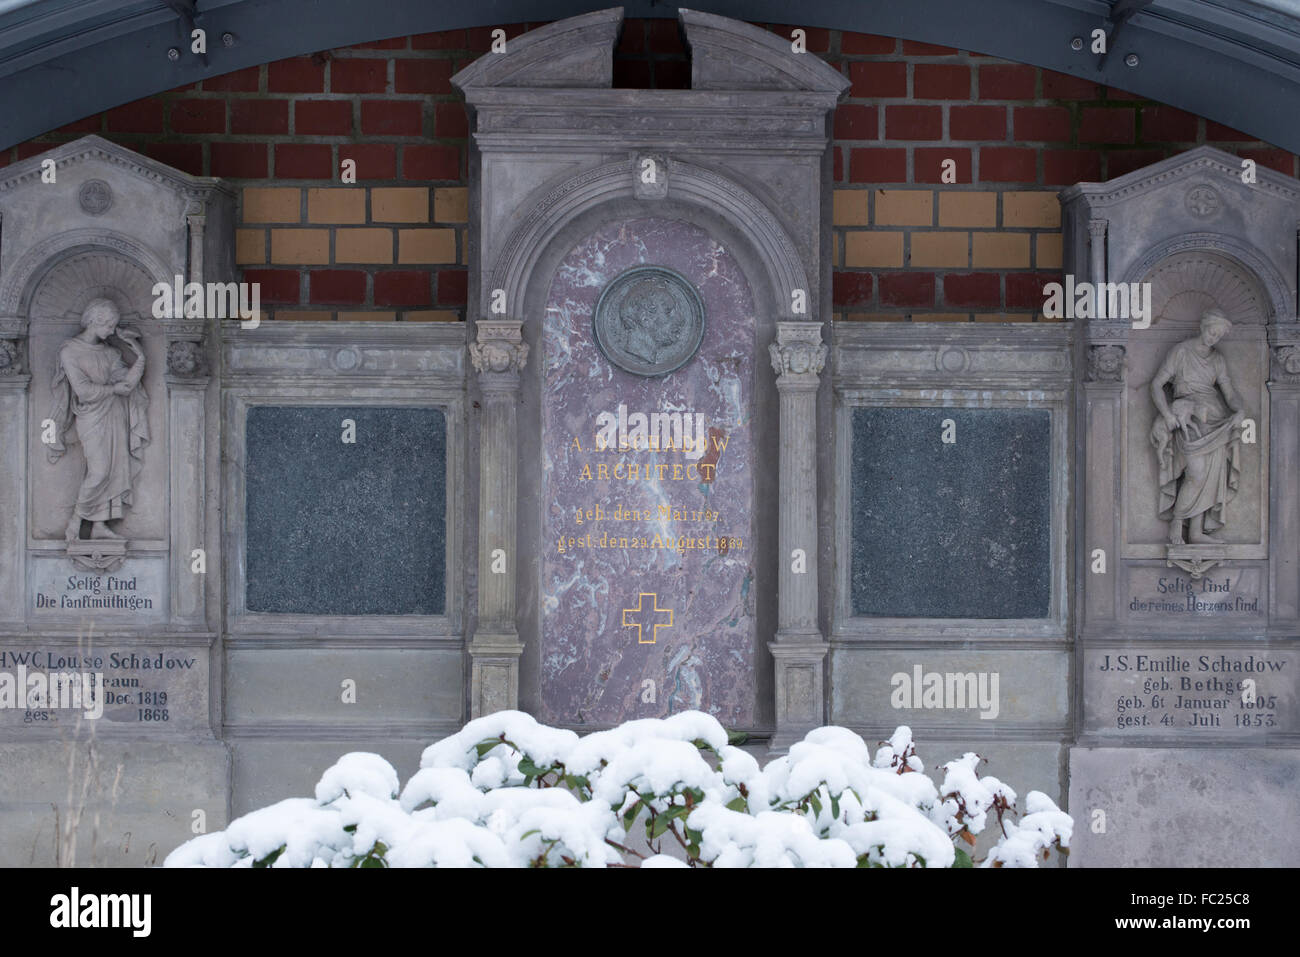 Dorotheenstadt cemetery Berlin,grave of Albert Schadow, Germany - Stock Image